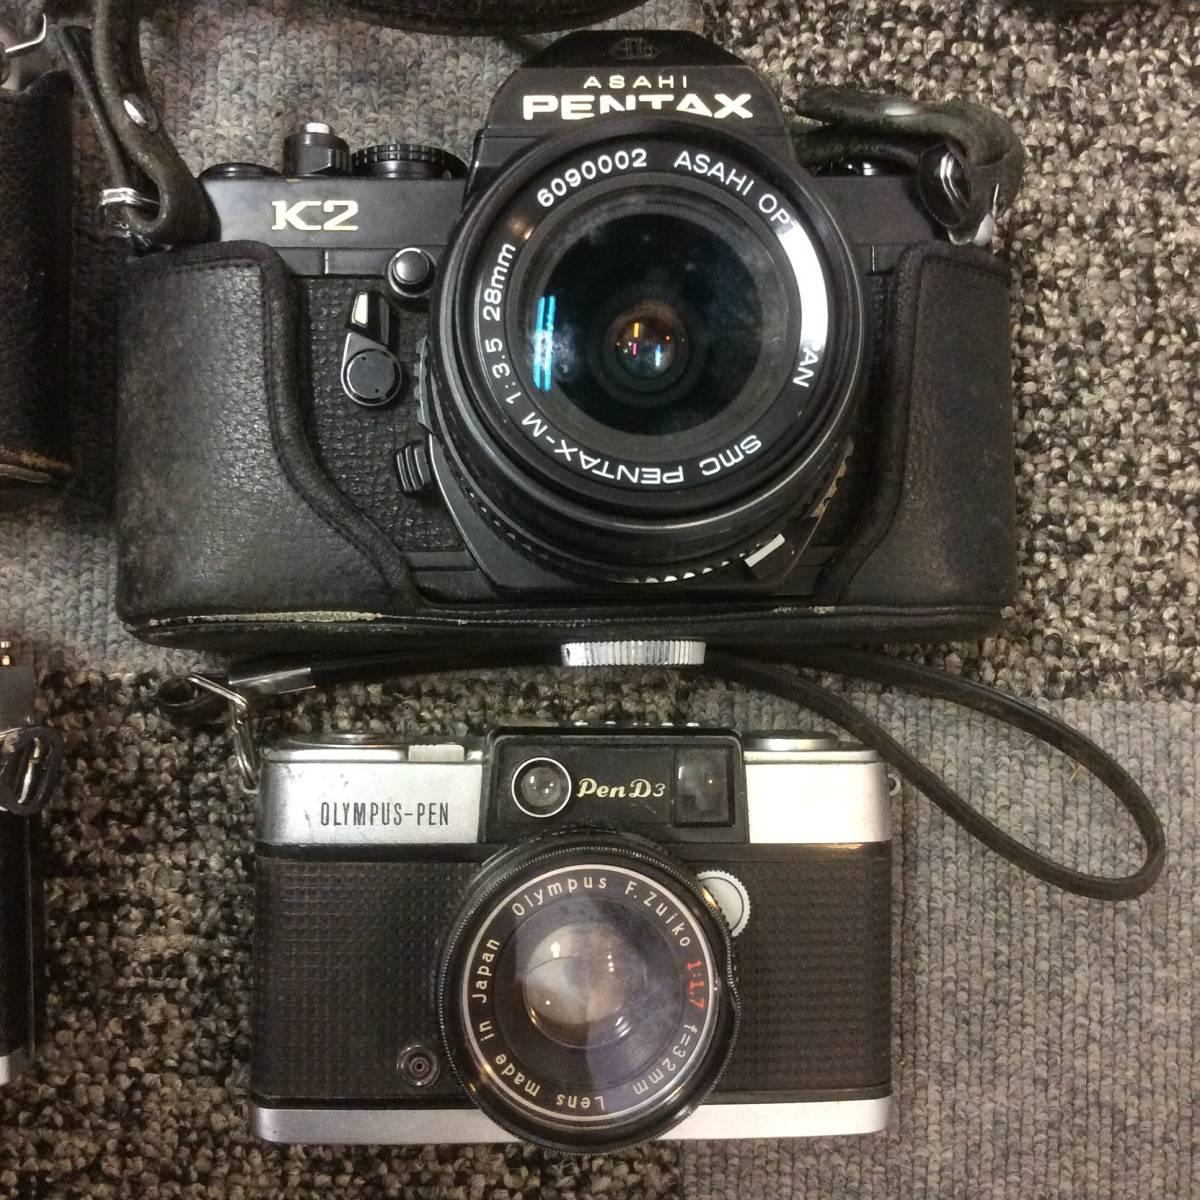 ペンタックス ニコン レンズ多数 ジャンクカメラセット_画像6